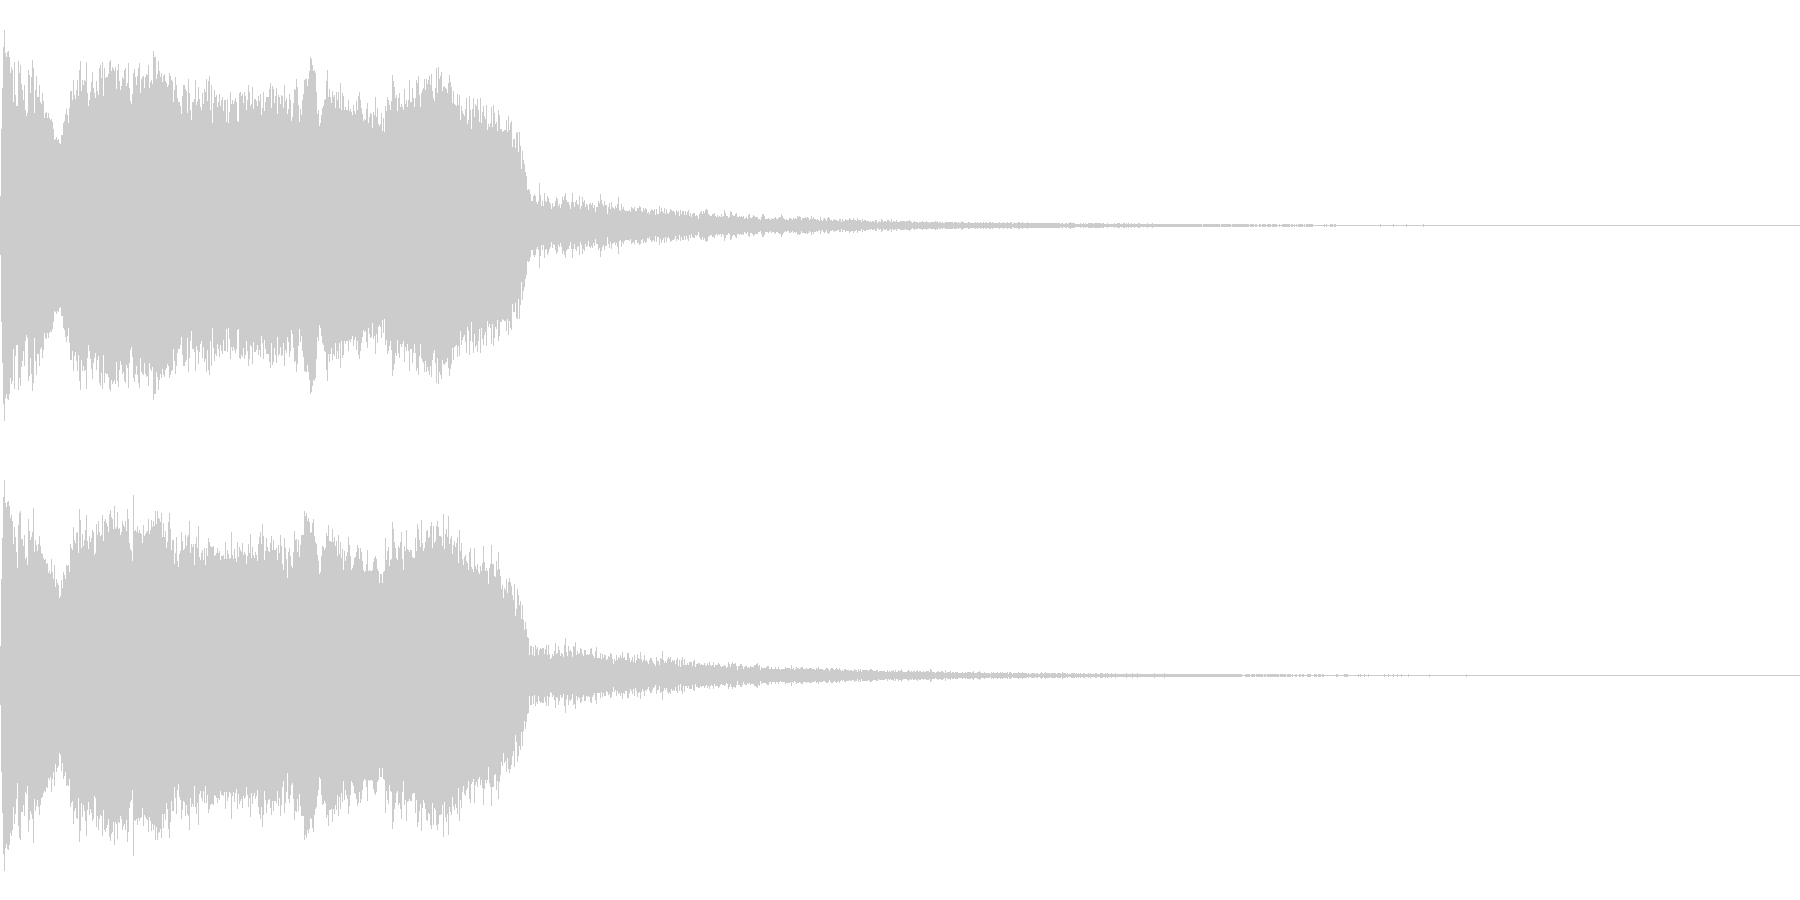 DJFX ヒットチャート発表前SE 18の未再生の波形